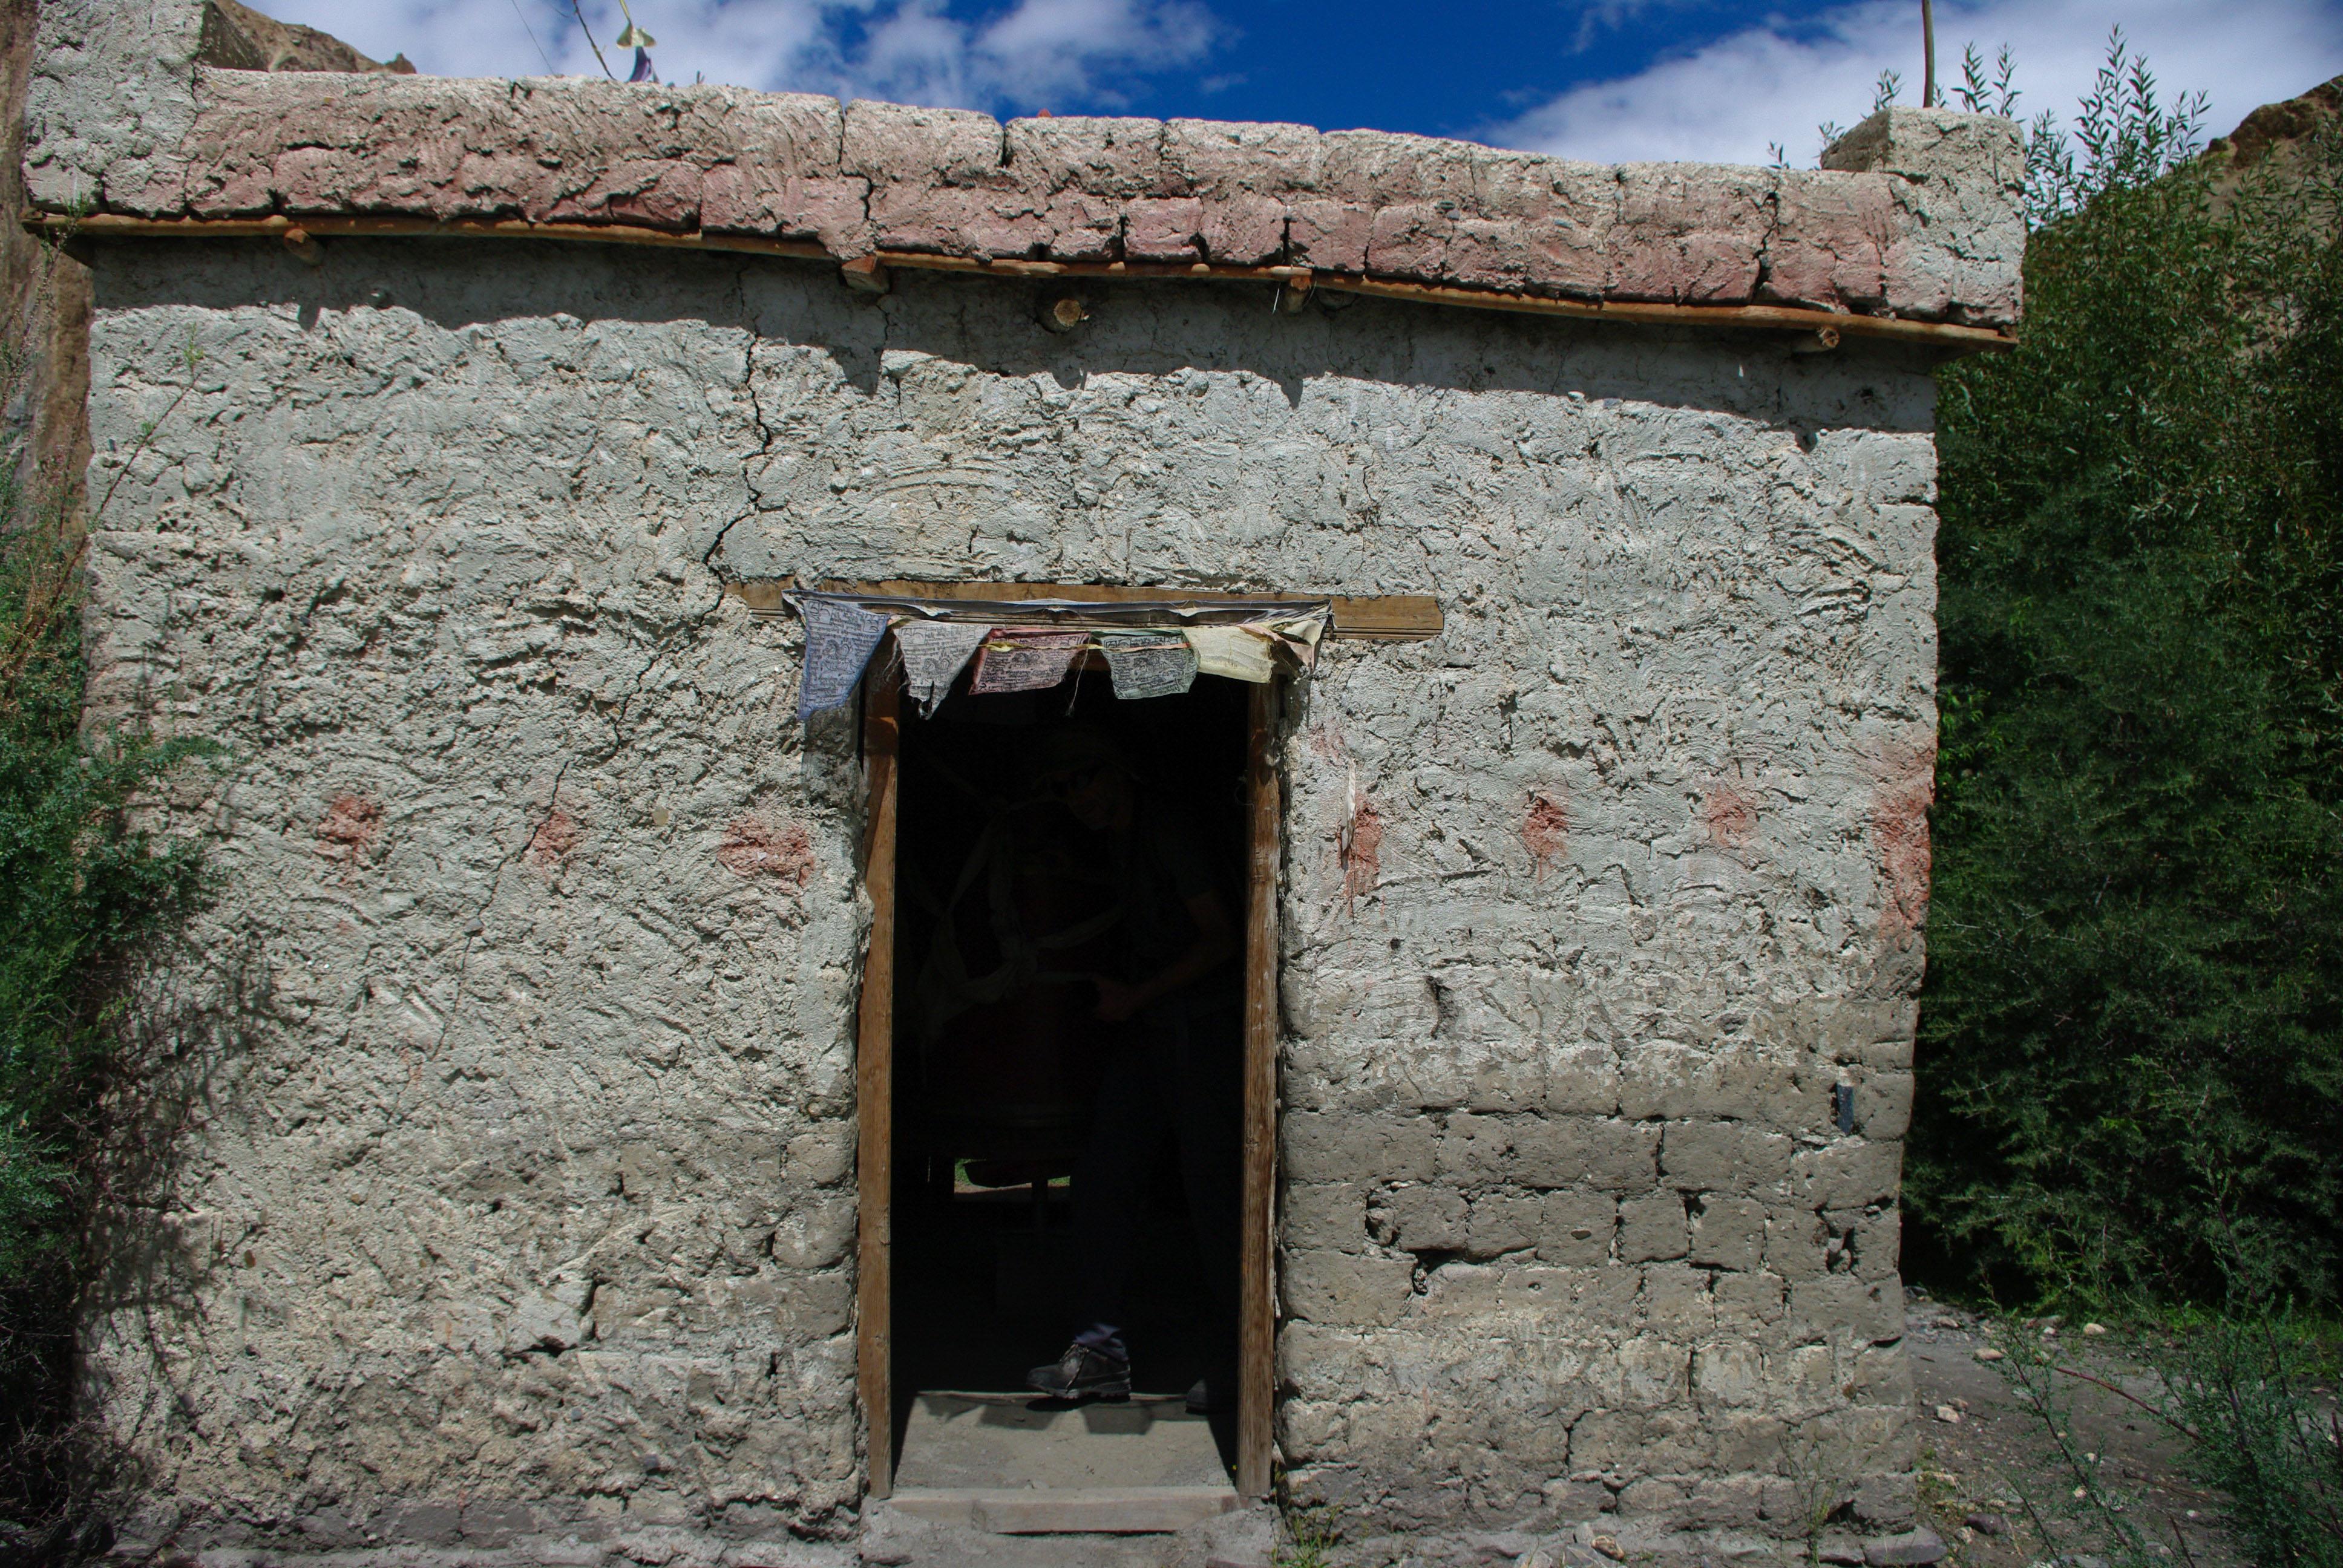 Строение с молитвенным барабаном внутри, Гималаи